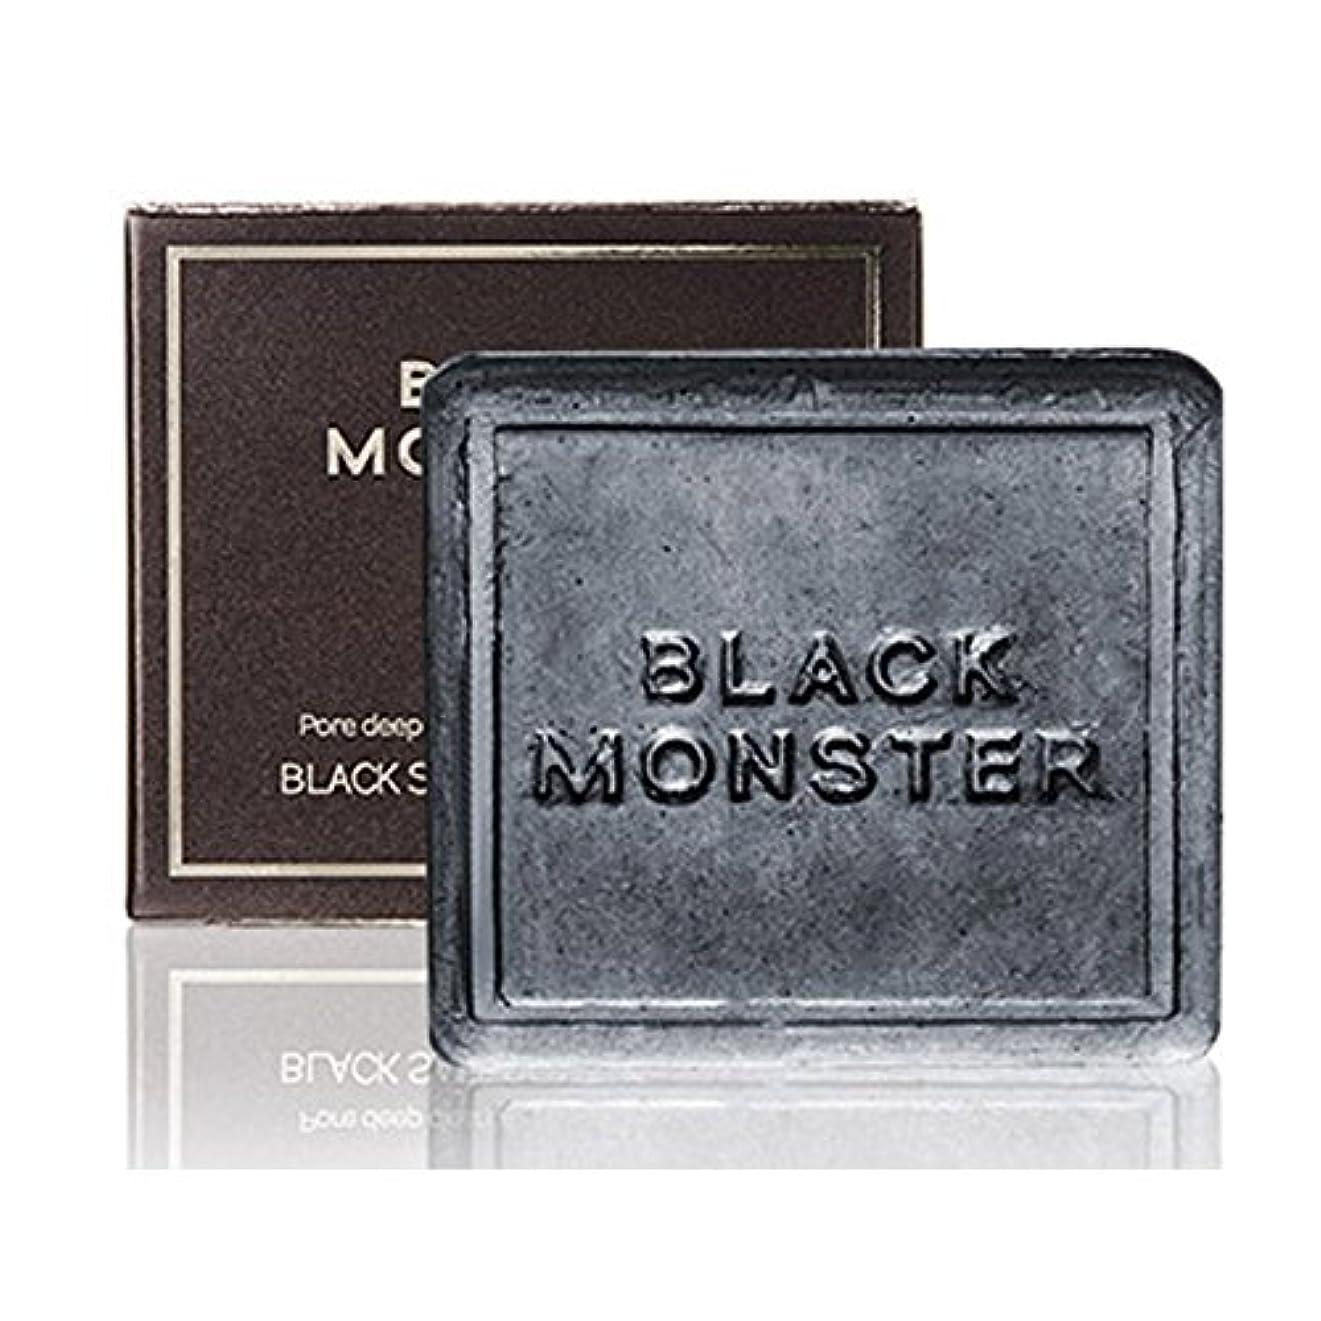 ボア懇願するエンティティ[ブレンクTV] blanktv Black Monster ブラックソルトコントロールバー 120g 海外直送品 black salt control bar [並行輸入品]